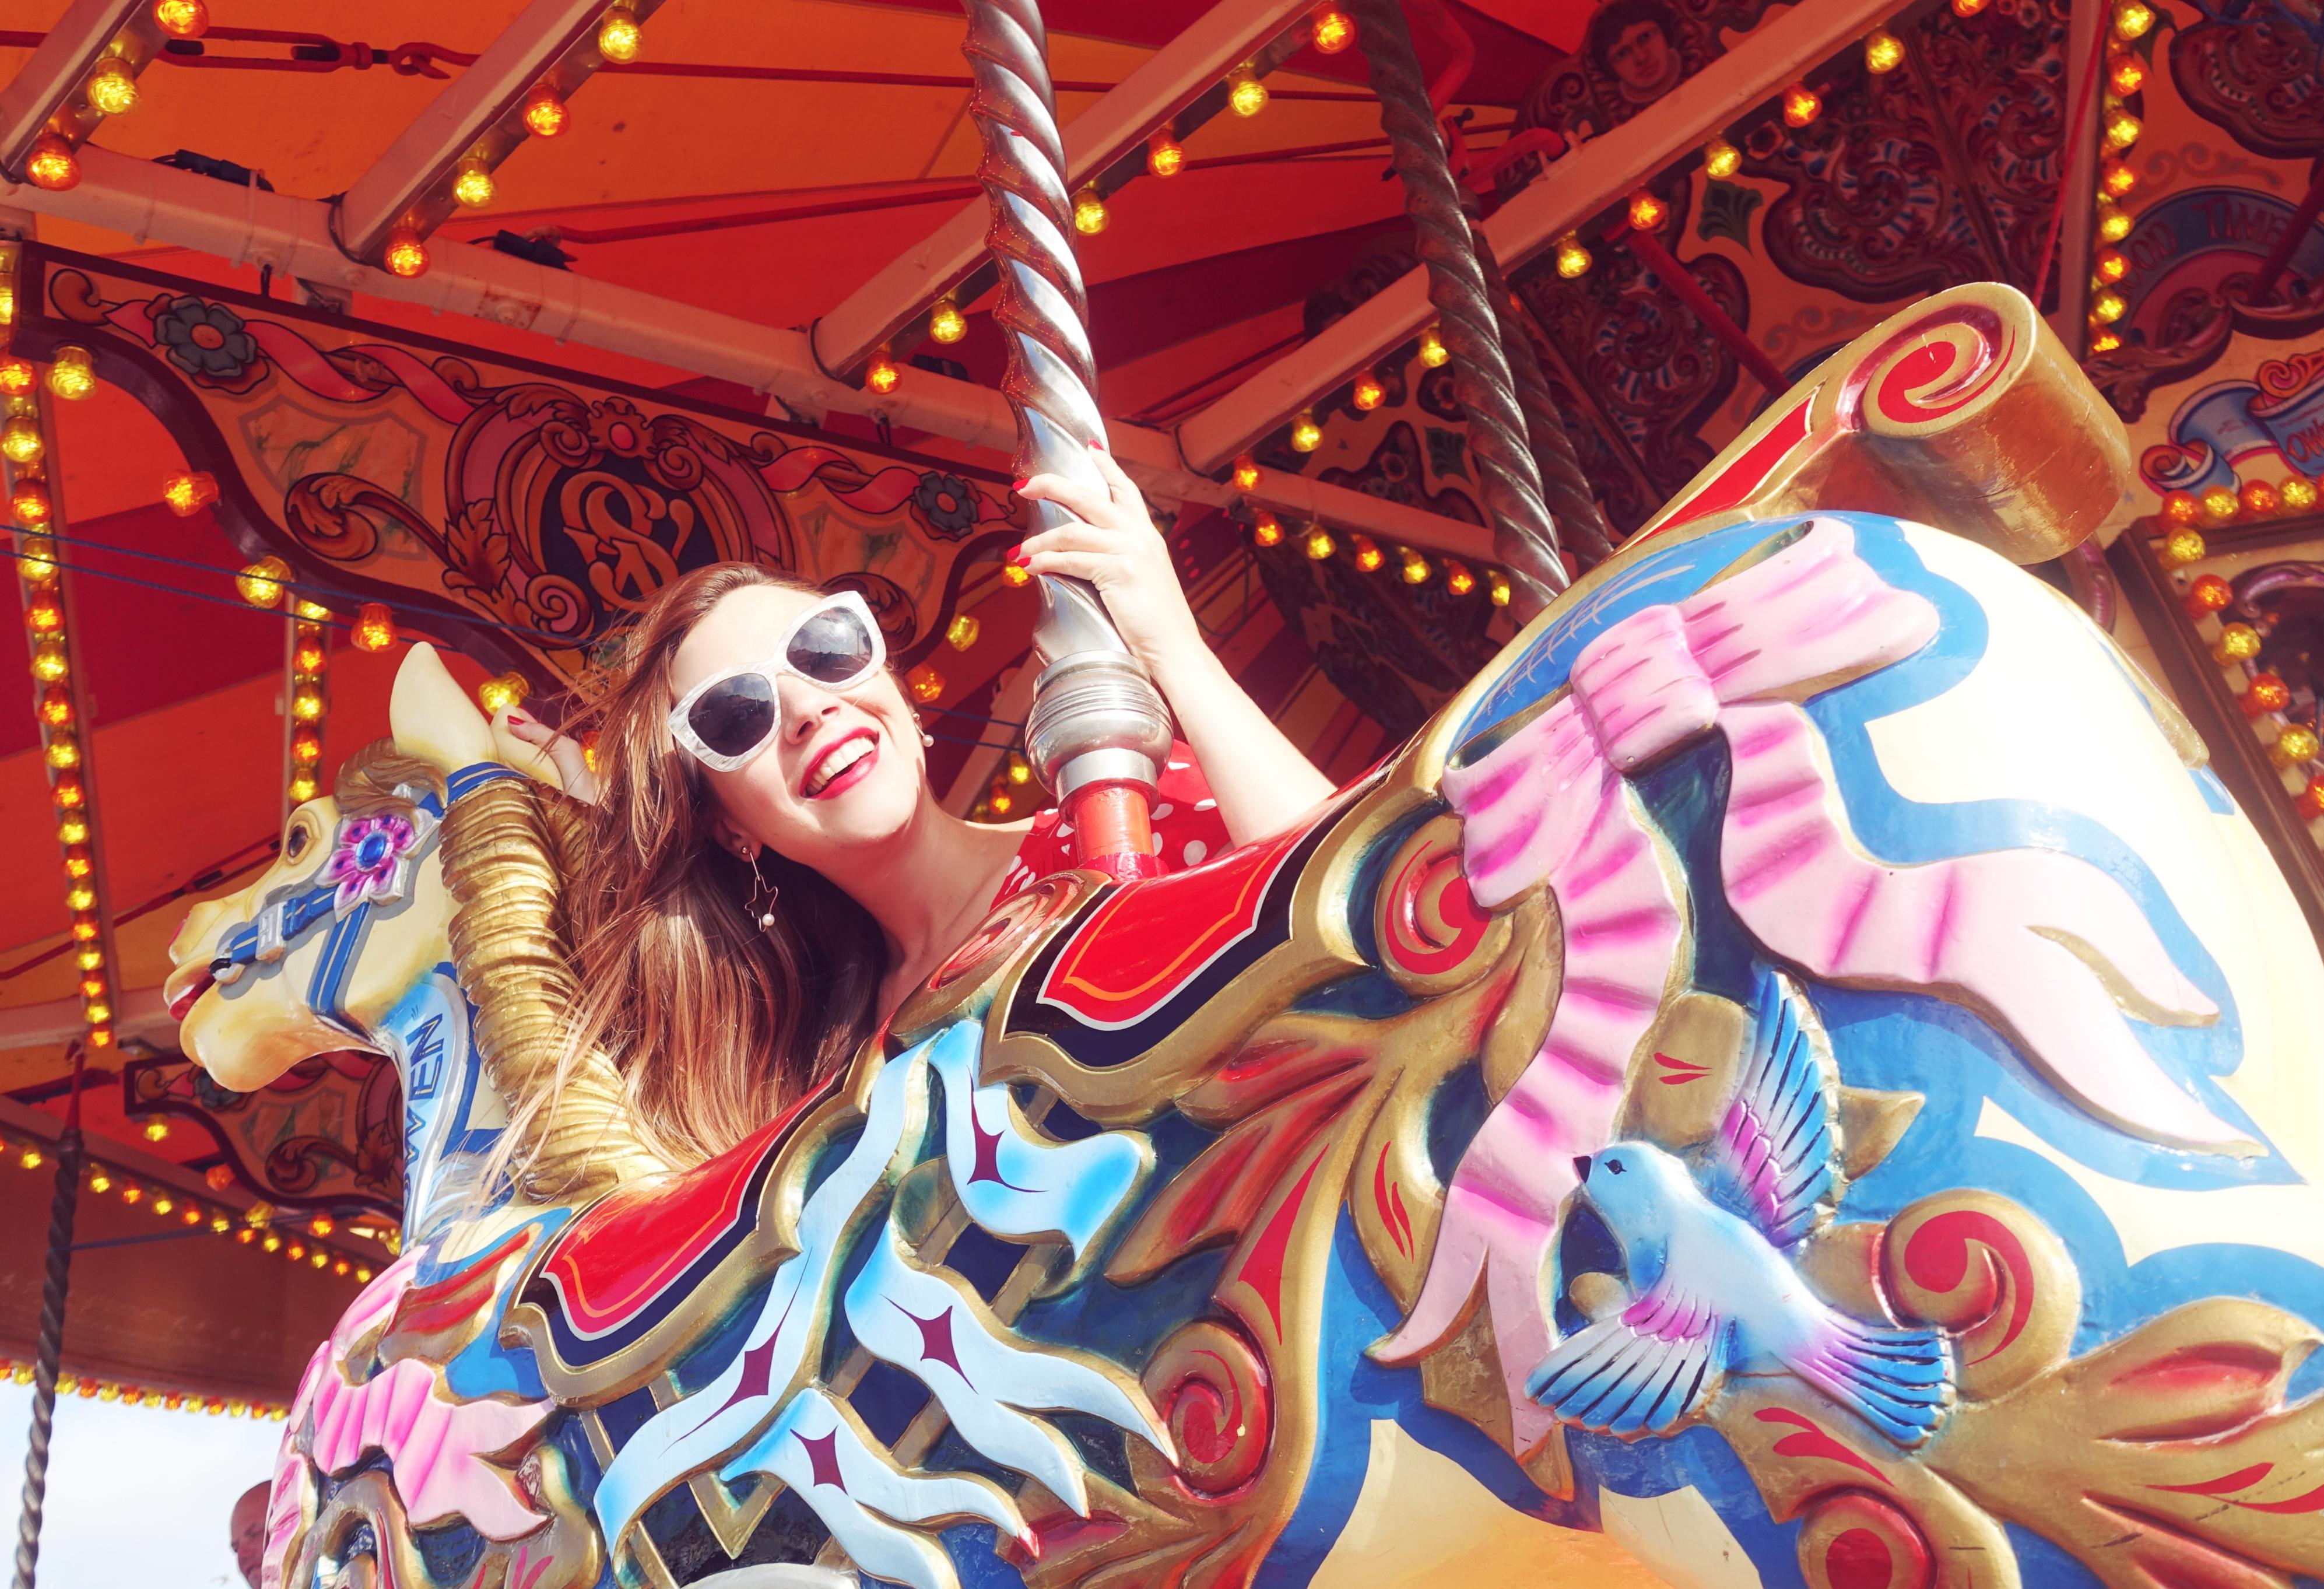 Carrousel-de-Brighton-blog-de-moda-Chicadicta-influencer-PiensaenChic-vestidos-de-lunares-floryday-gafas-blancas-Chic-adicta-Piensa-en-Chic